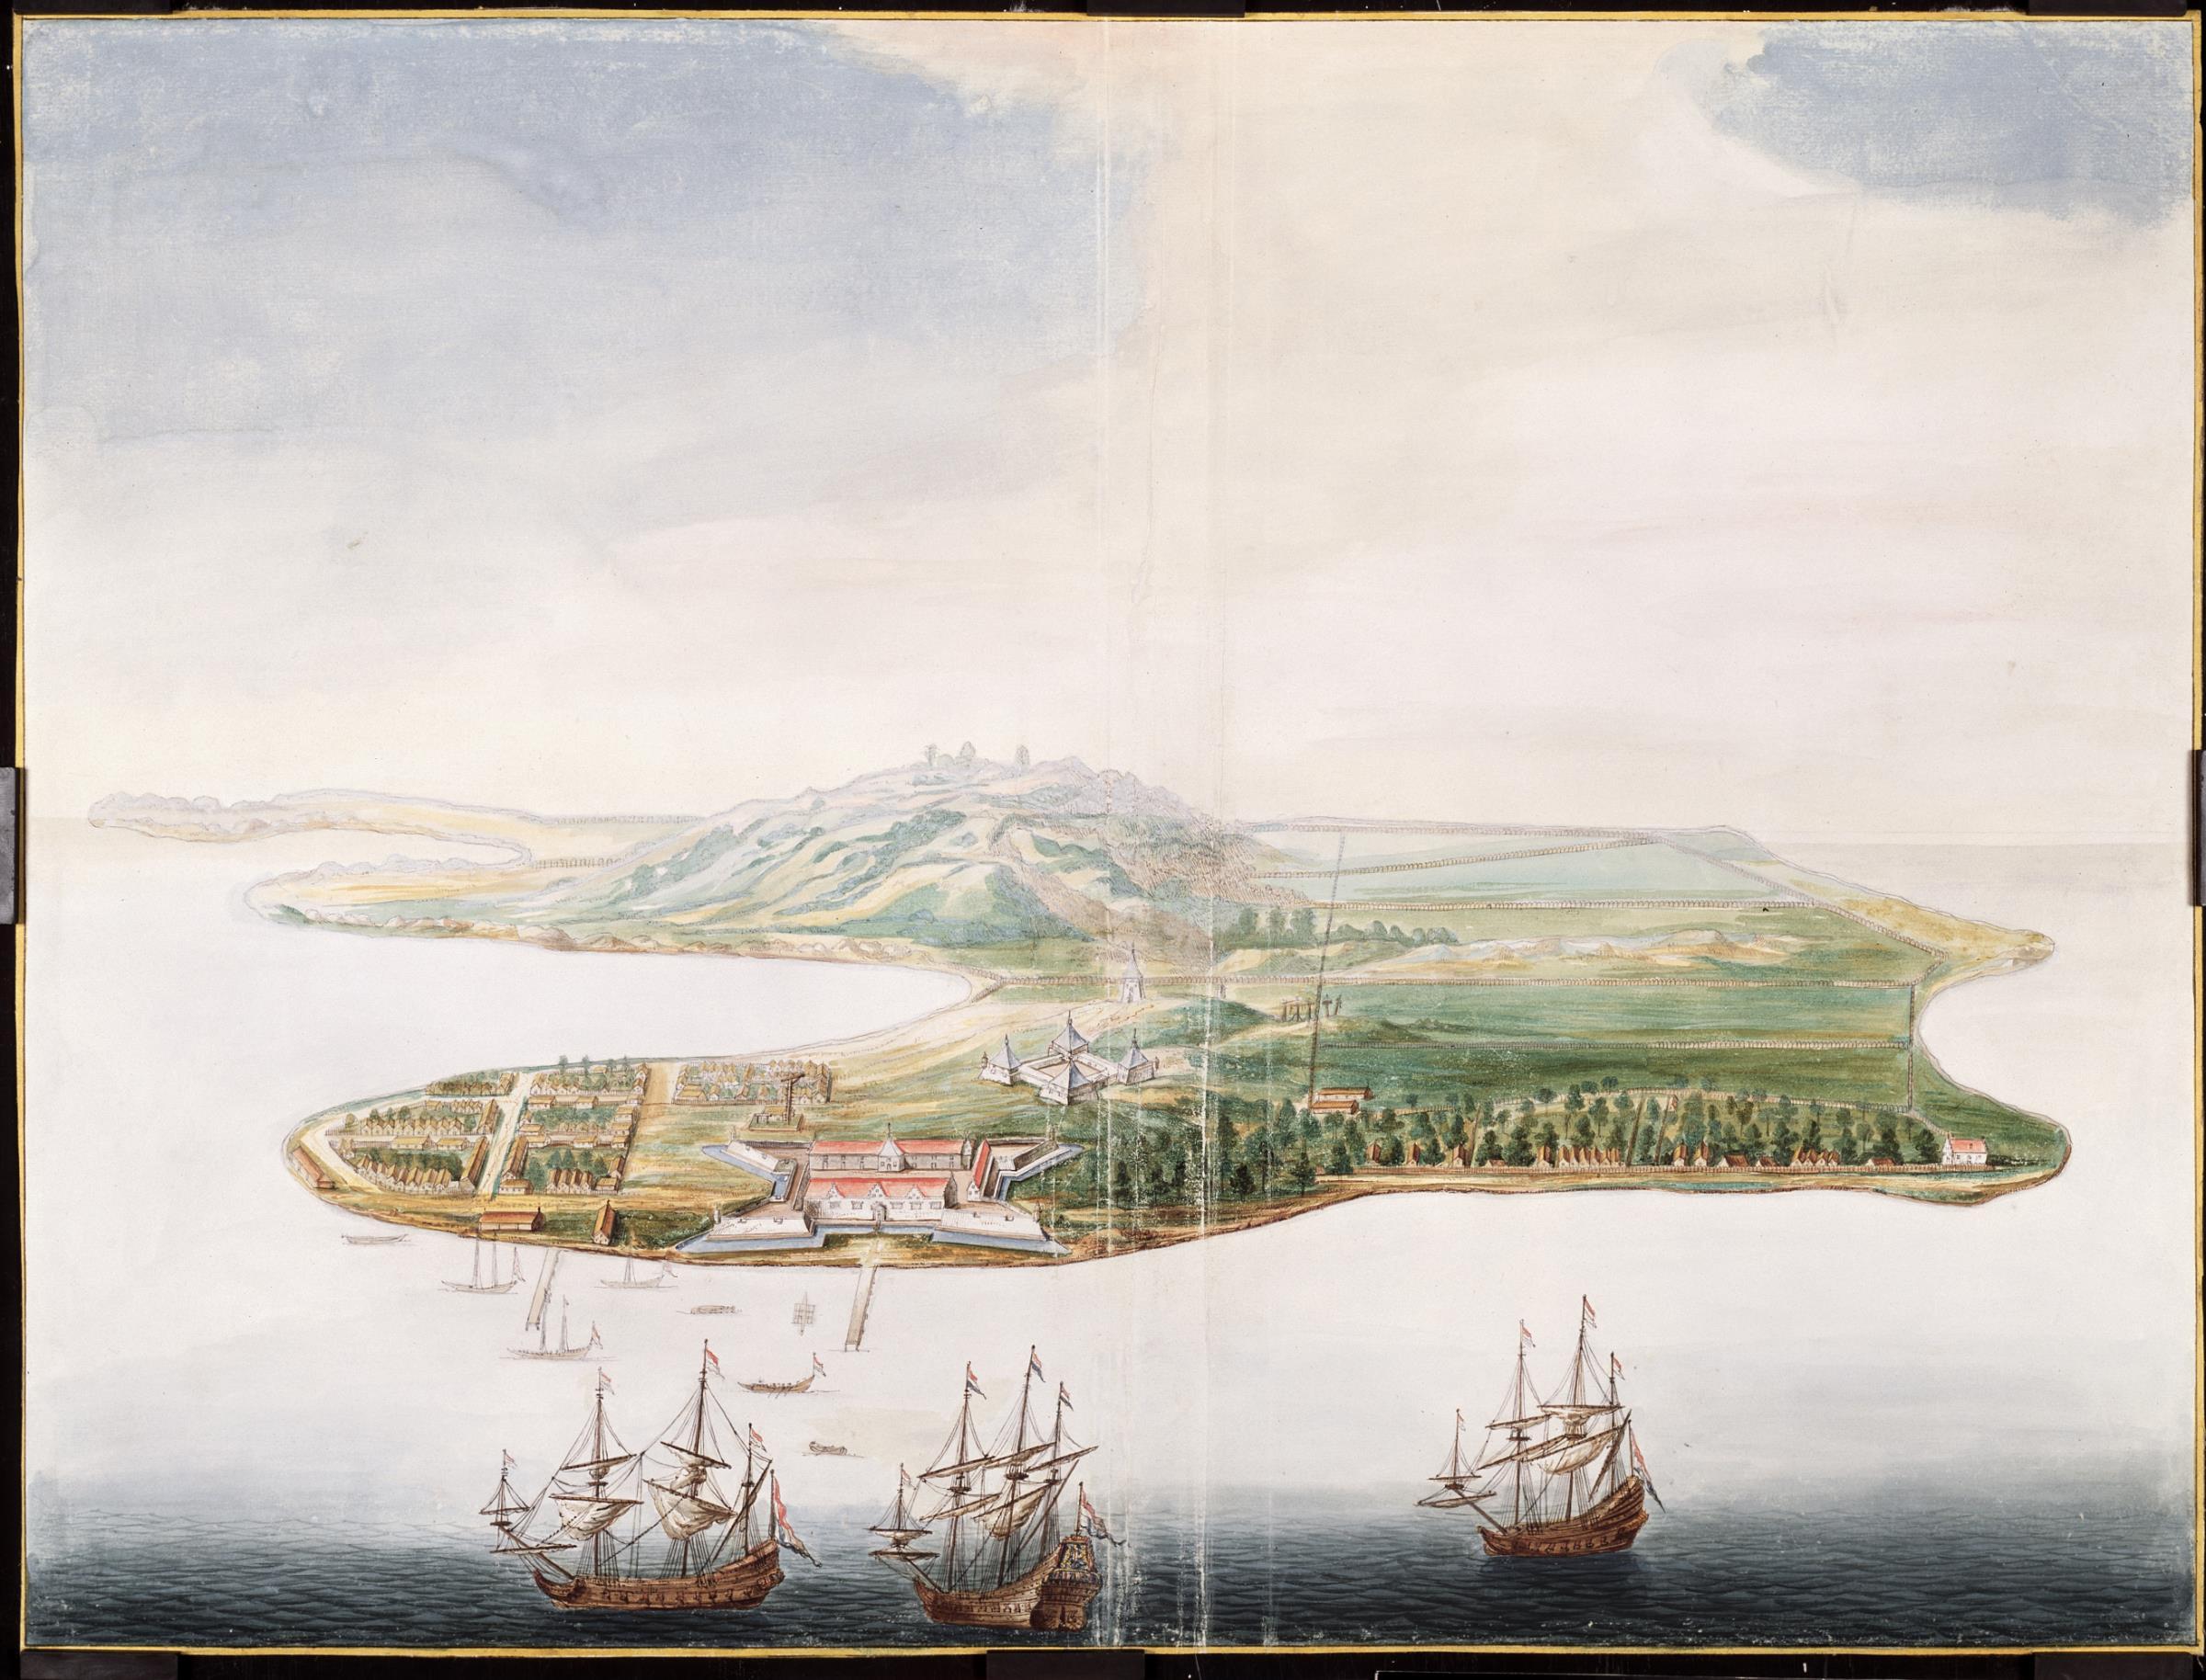 Ilustrasi Pulau Bandanaira, pulau utama di gugusan Kepulauan Banda pada abad ke-17. Terlihat desa Naira dan benteng Nassau milik Belanda di pesisir pulau, serta benteng Belgica di belakangnya. Pala adalah komoditas utama dari Kepulauan Banda dan diperebutkan oleh pedagang-pedagang Inggris dan Belanda.